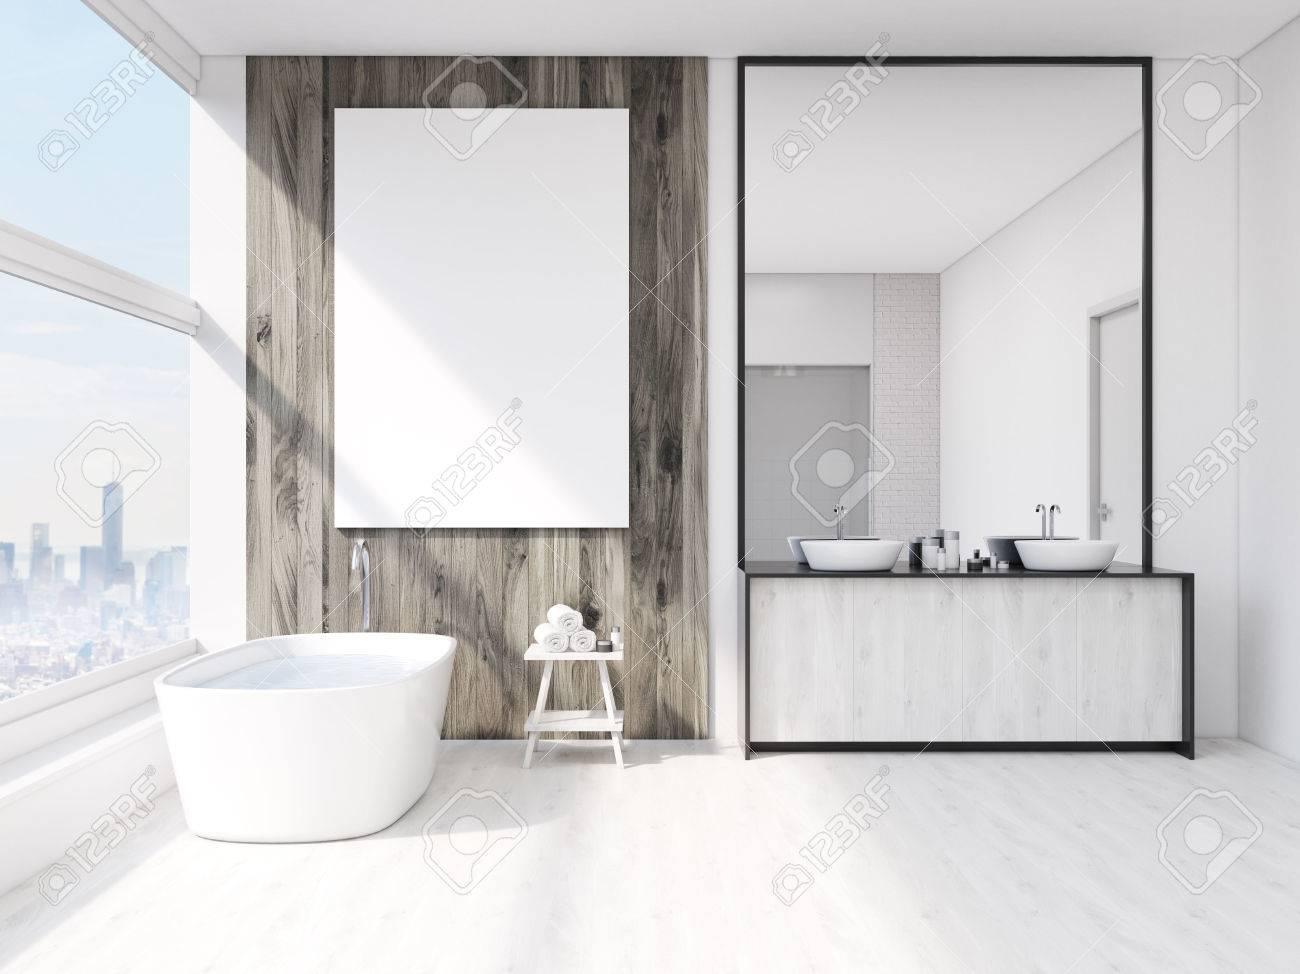 Sehr Badezimmer Interieur Mit Spiegel, Badewanne, Tisch Mit Handtüchern TA43